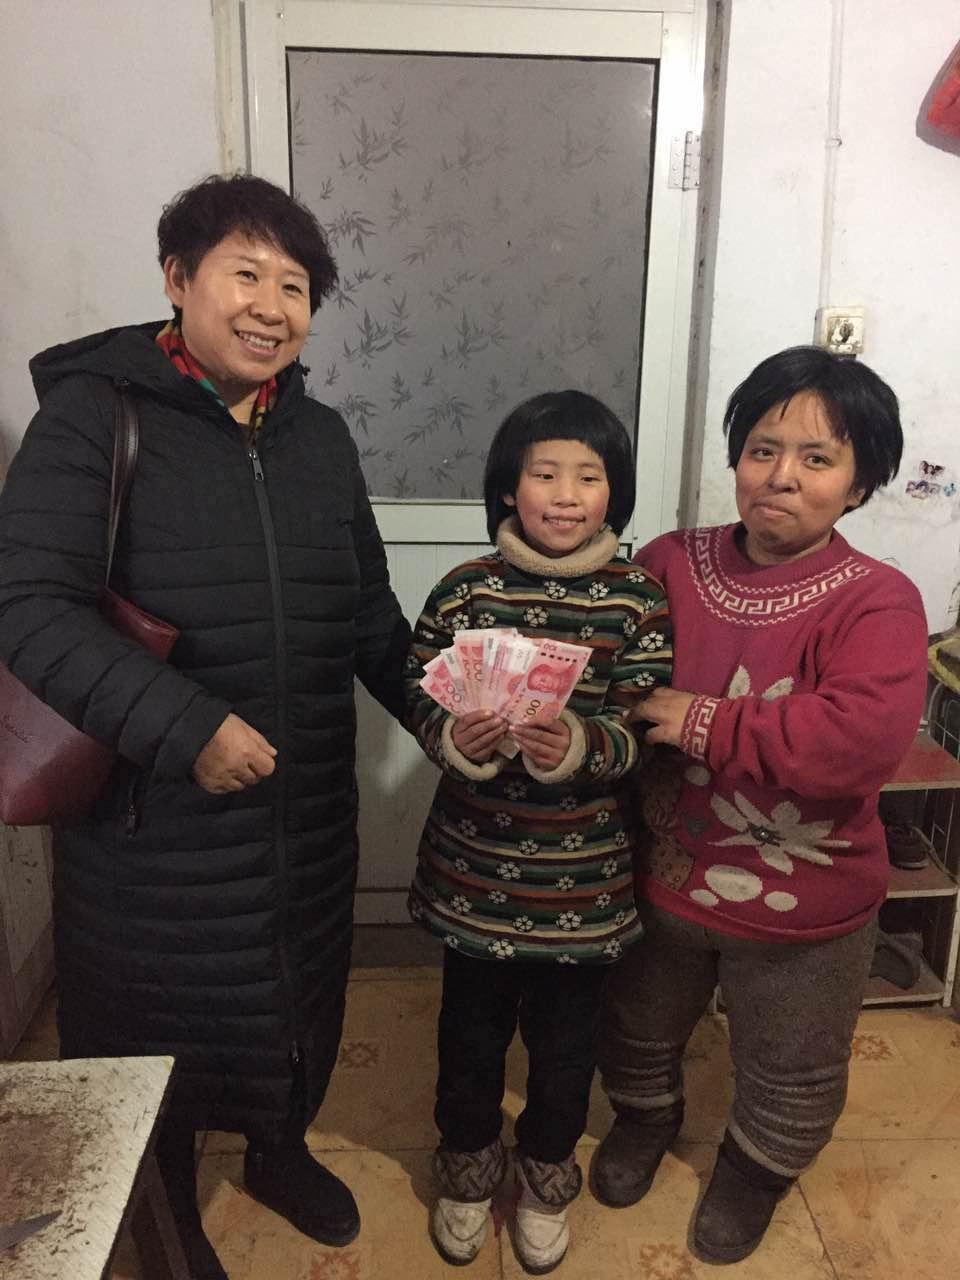 1,2018年1月16日协会全体会员下乡慰问贫困家庭,并且14位女企业家一对一、一对二救助贫困学生15名-2017-01-17164414